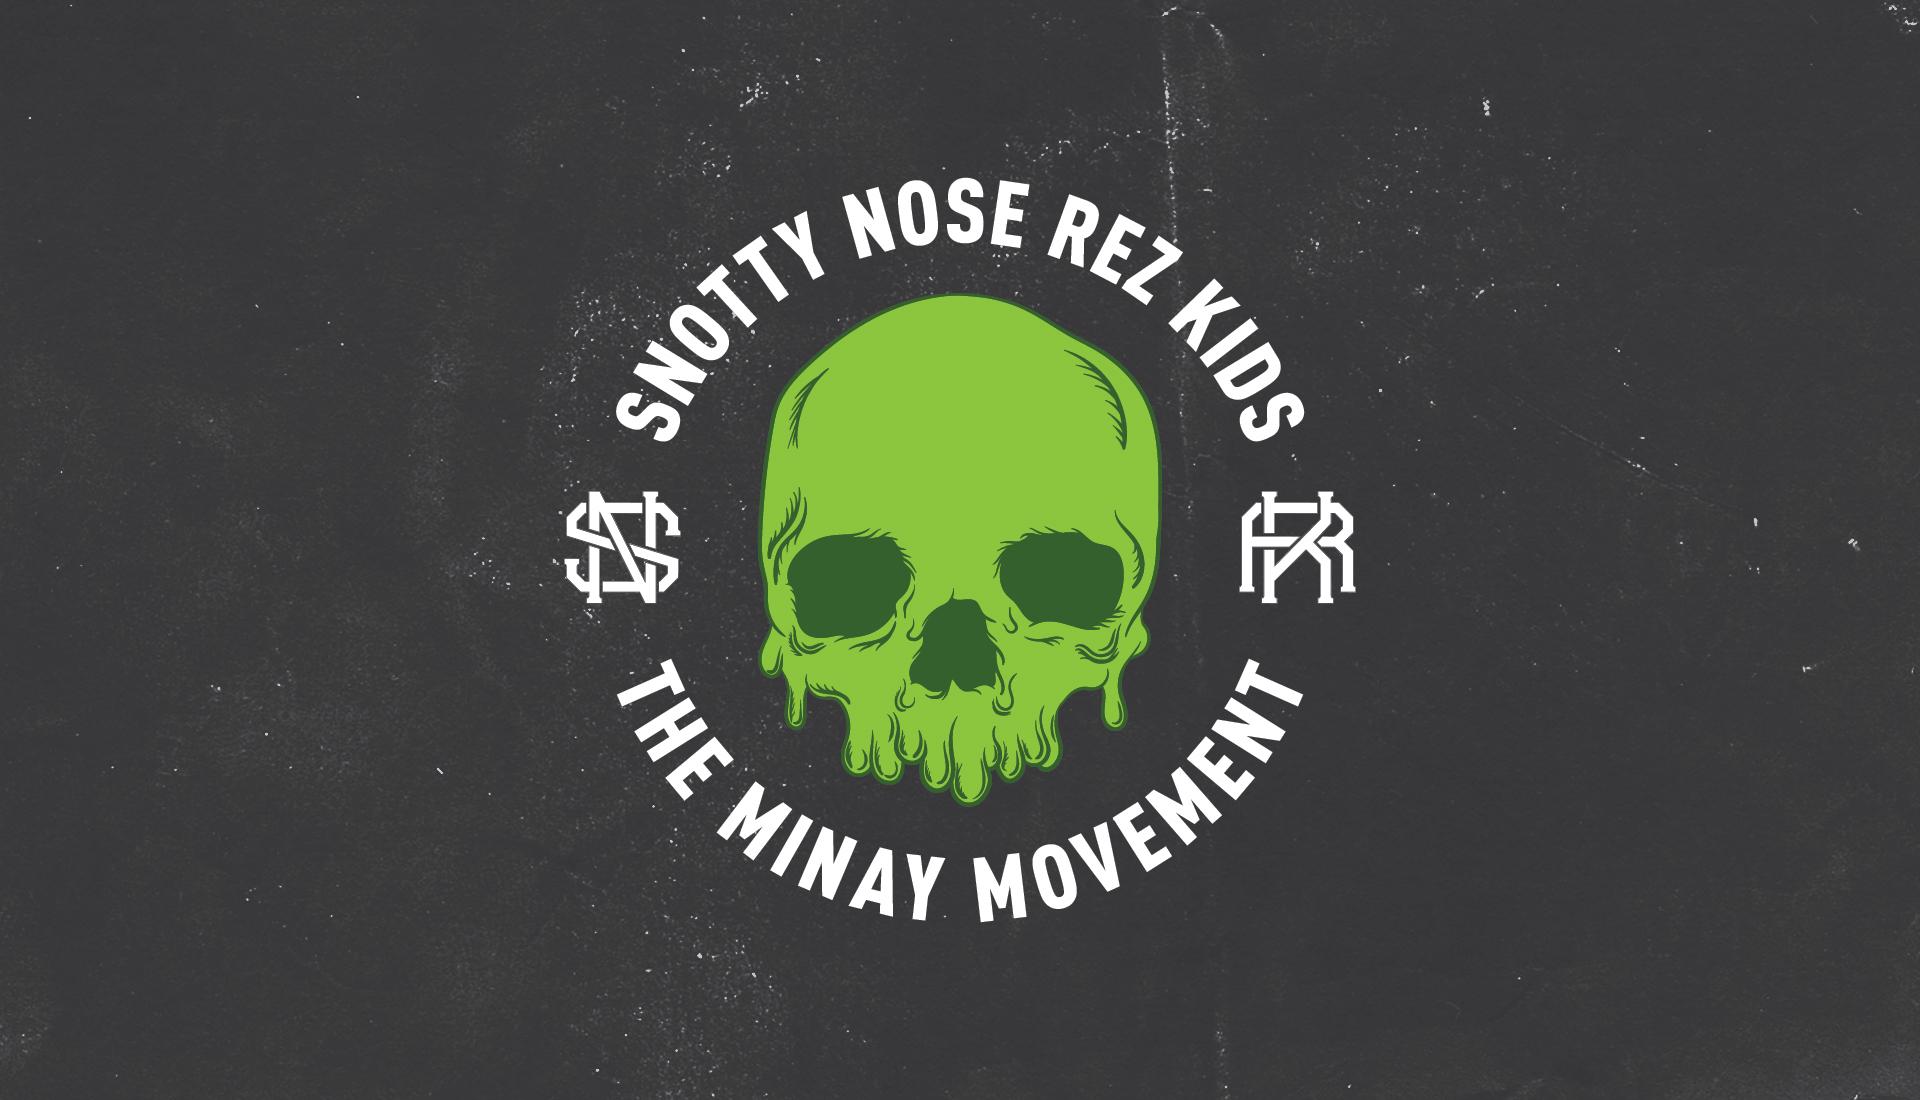 Snotty Nose Rez Kids | Secondary Logo, The Minay Movement